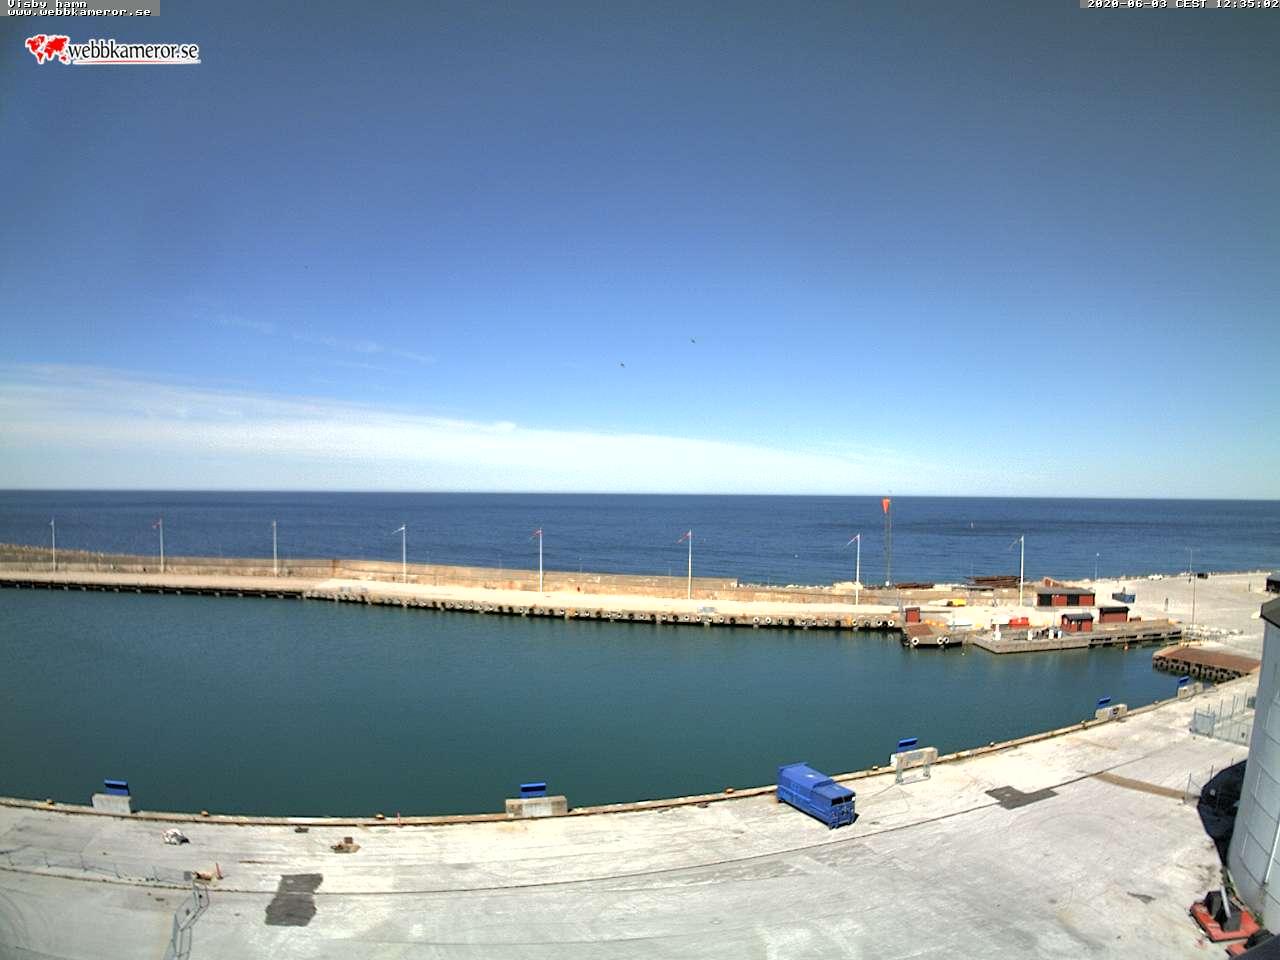 Webbkamera - Visby hamn, yttre hamnen, Östersjön